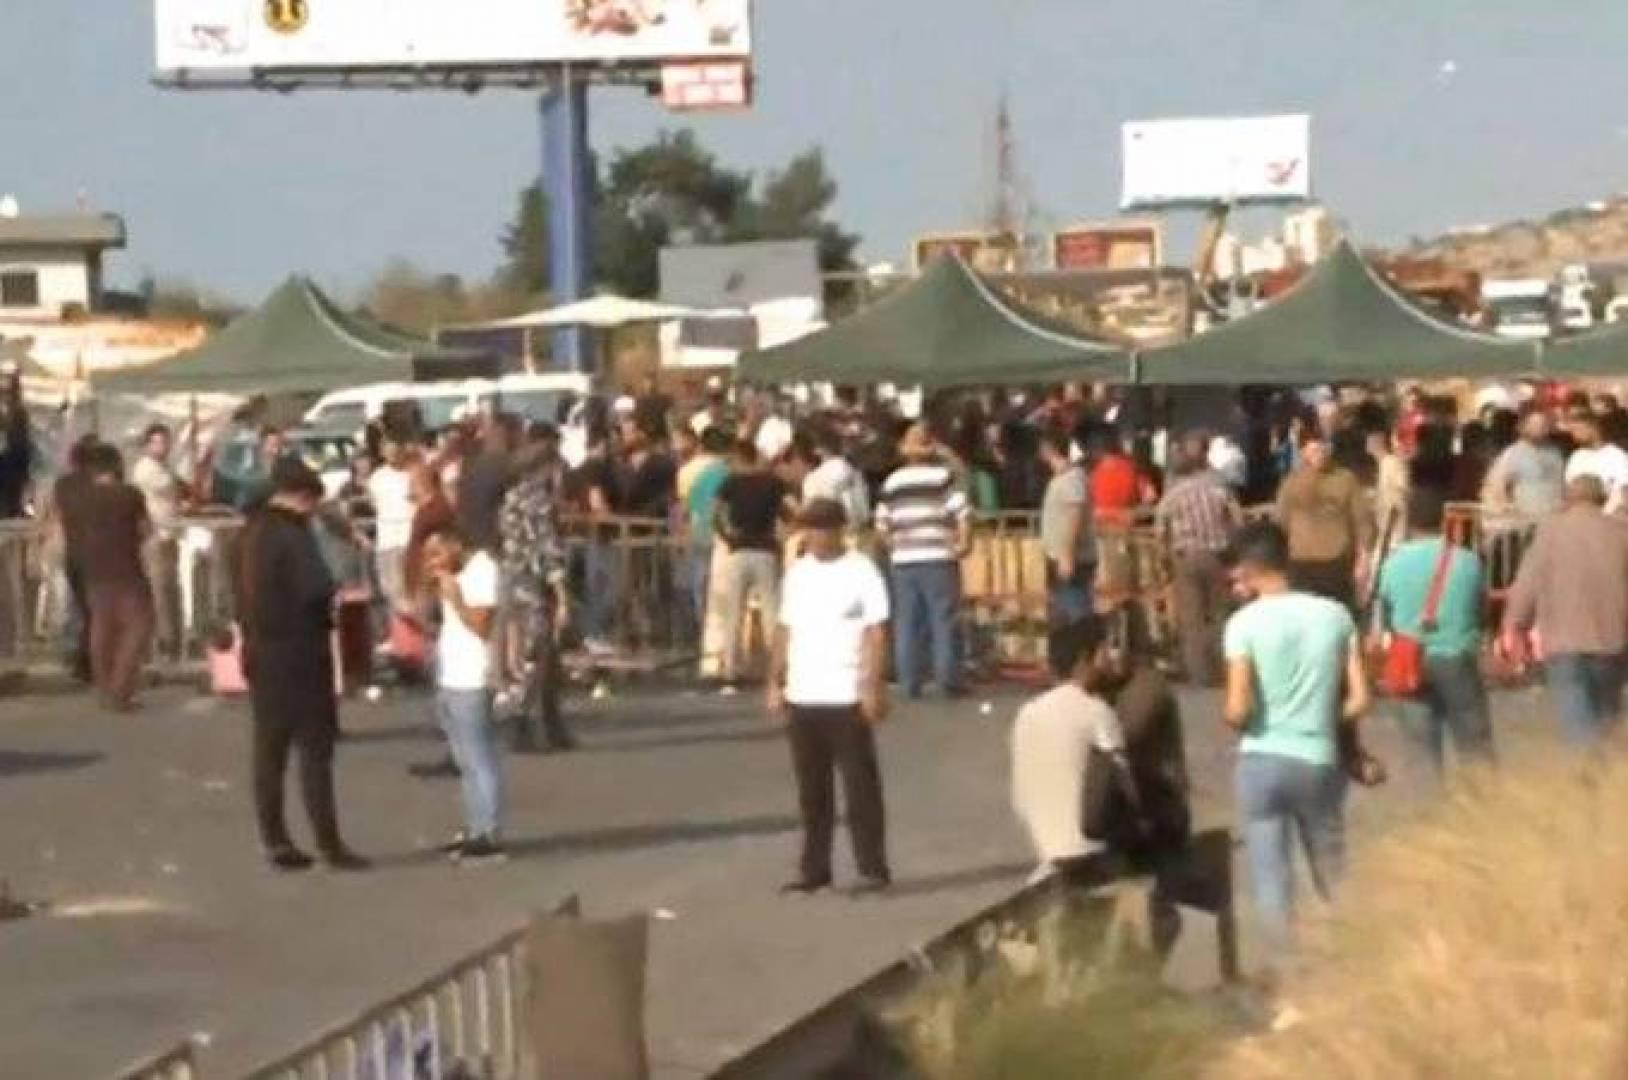 معلومات موقع mtv: الجيش ابلغ المعنيين بفتح الطرقات كافة الليلة بما فيها اوتوستراد الجيّة